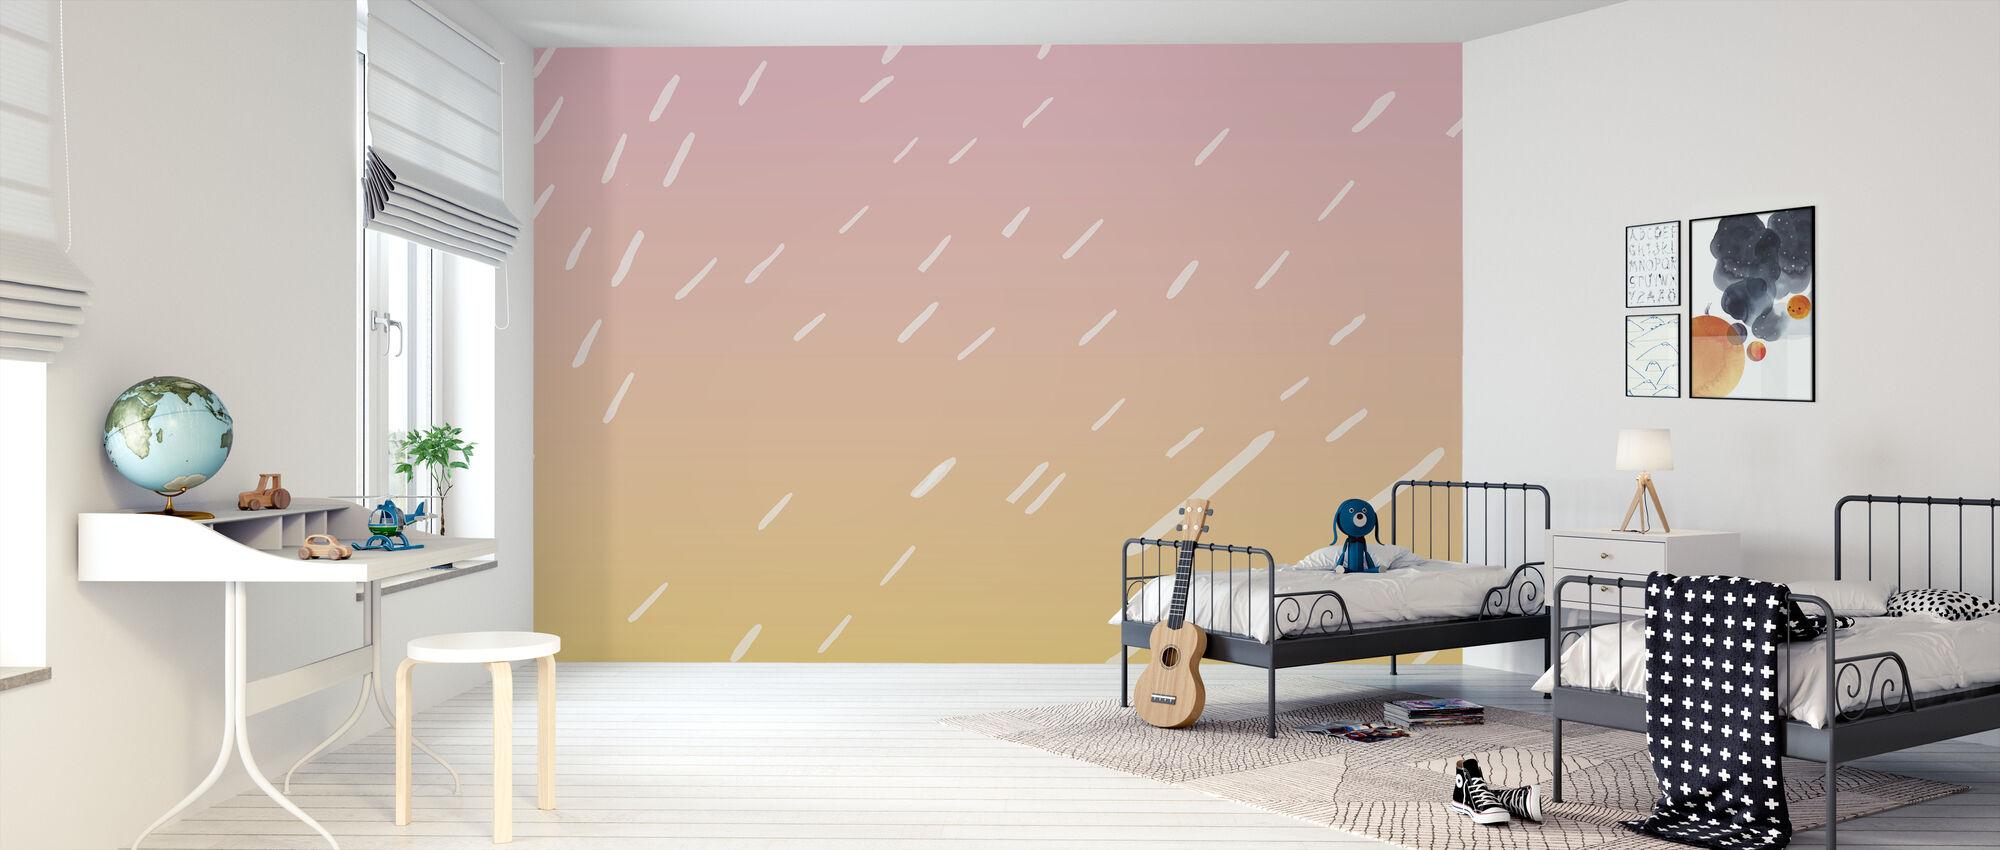 Summer Rain - Wallpaper - Kids Room